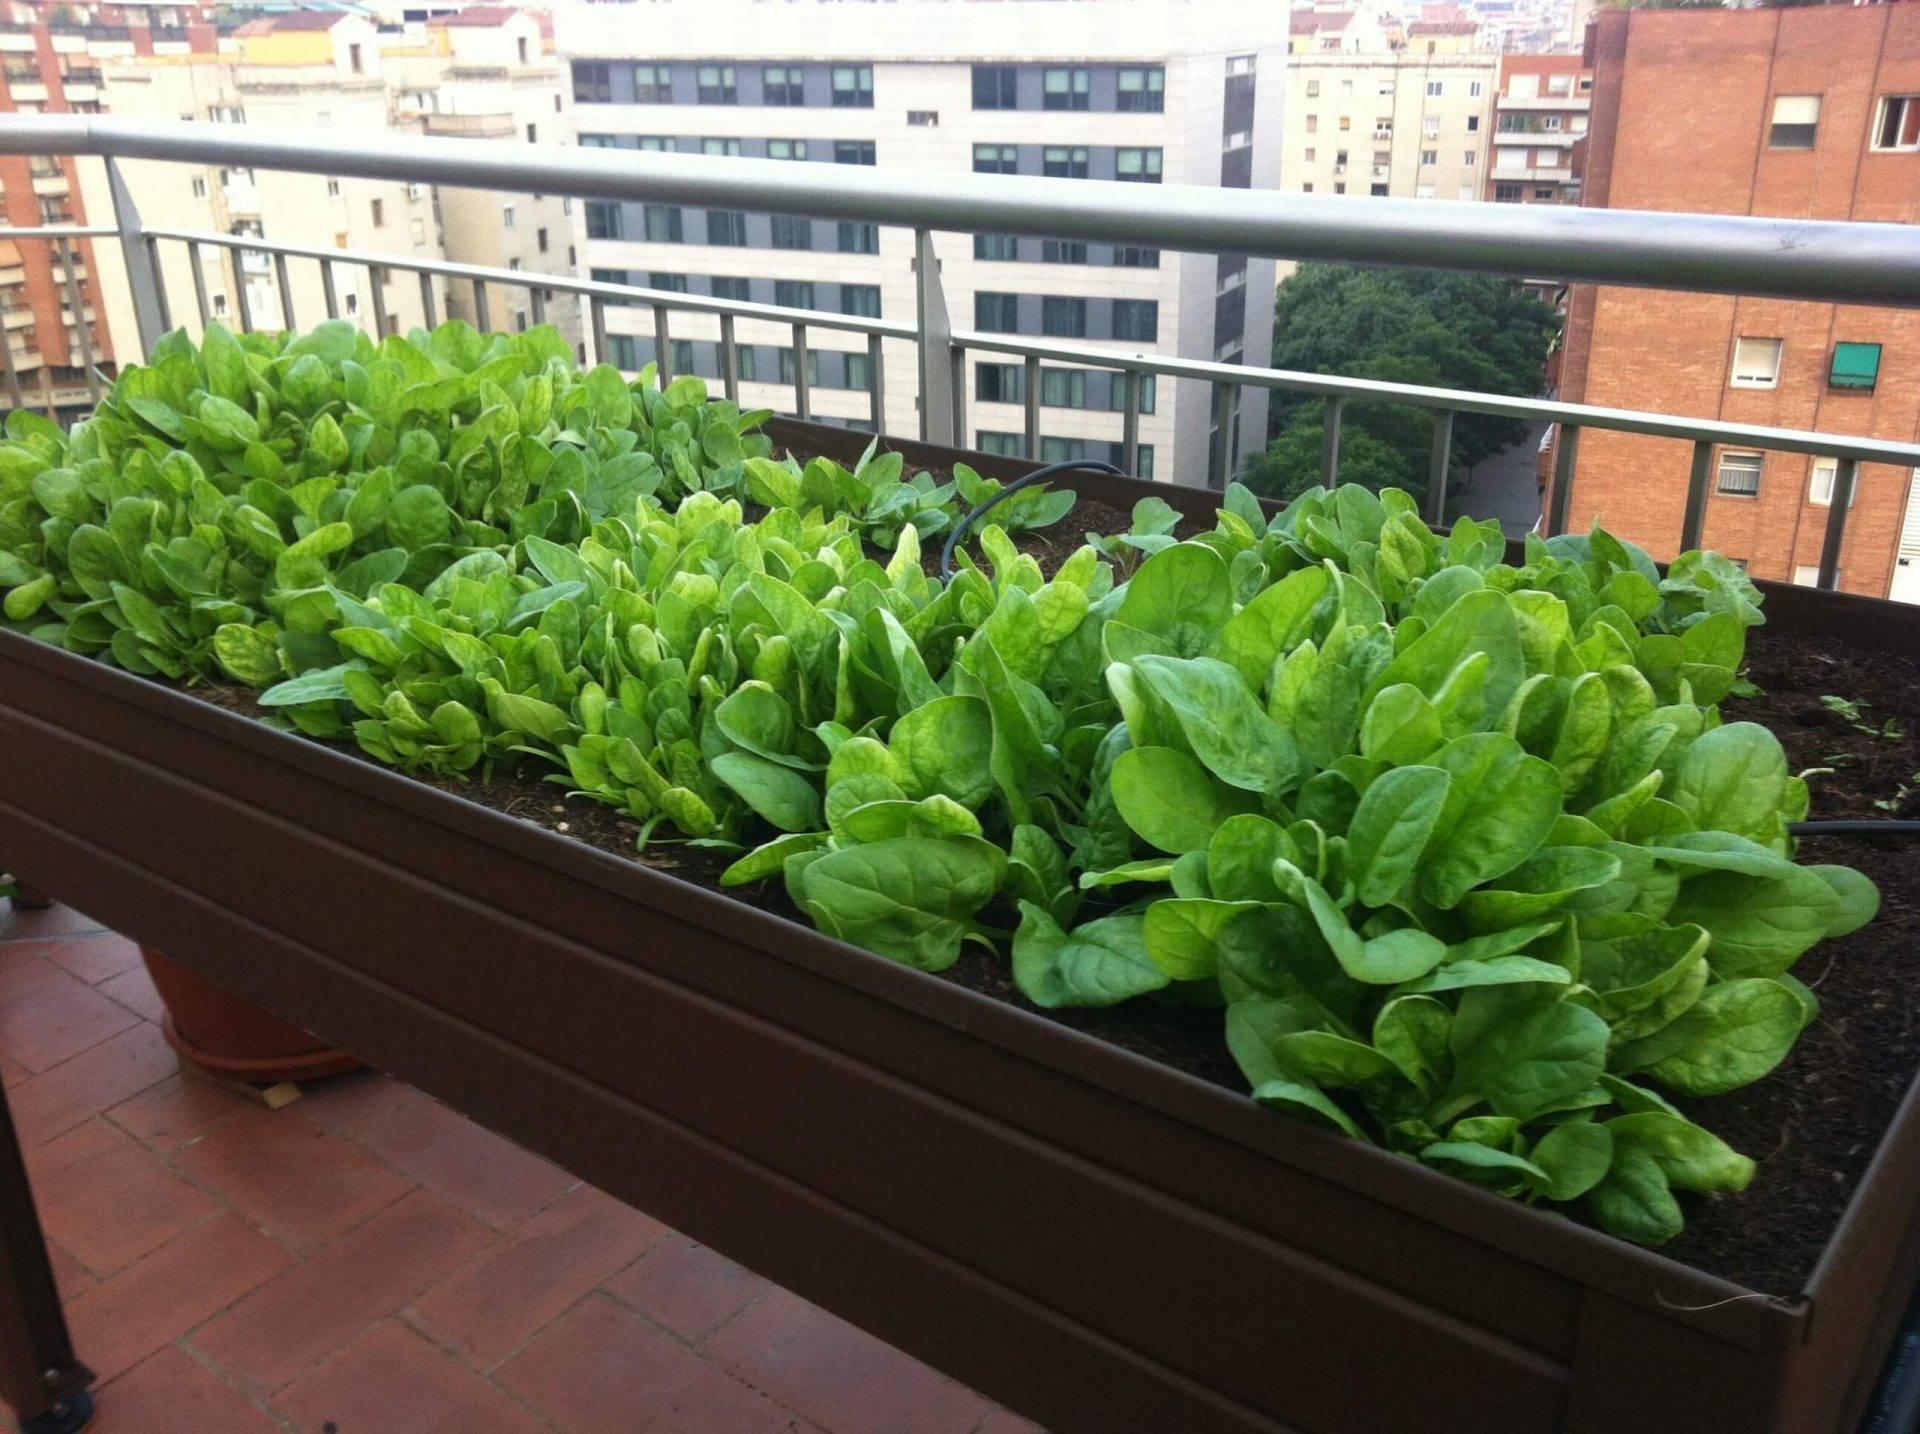 Mesas e Kits de Cultivo